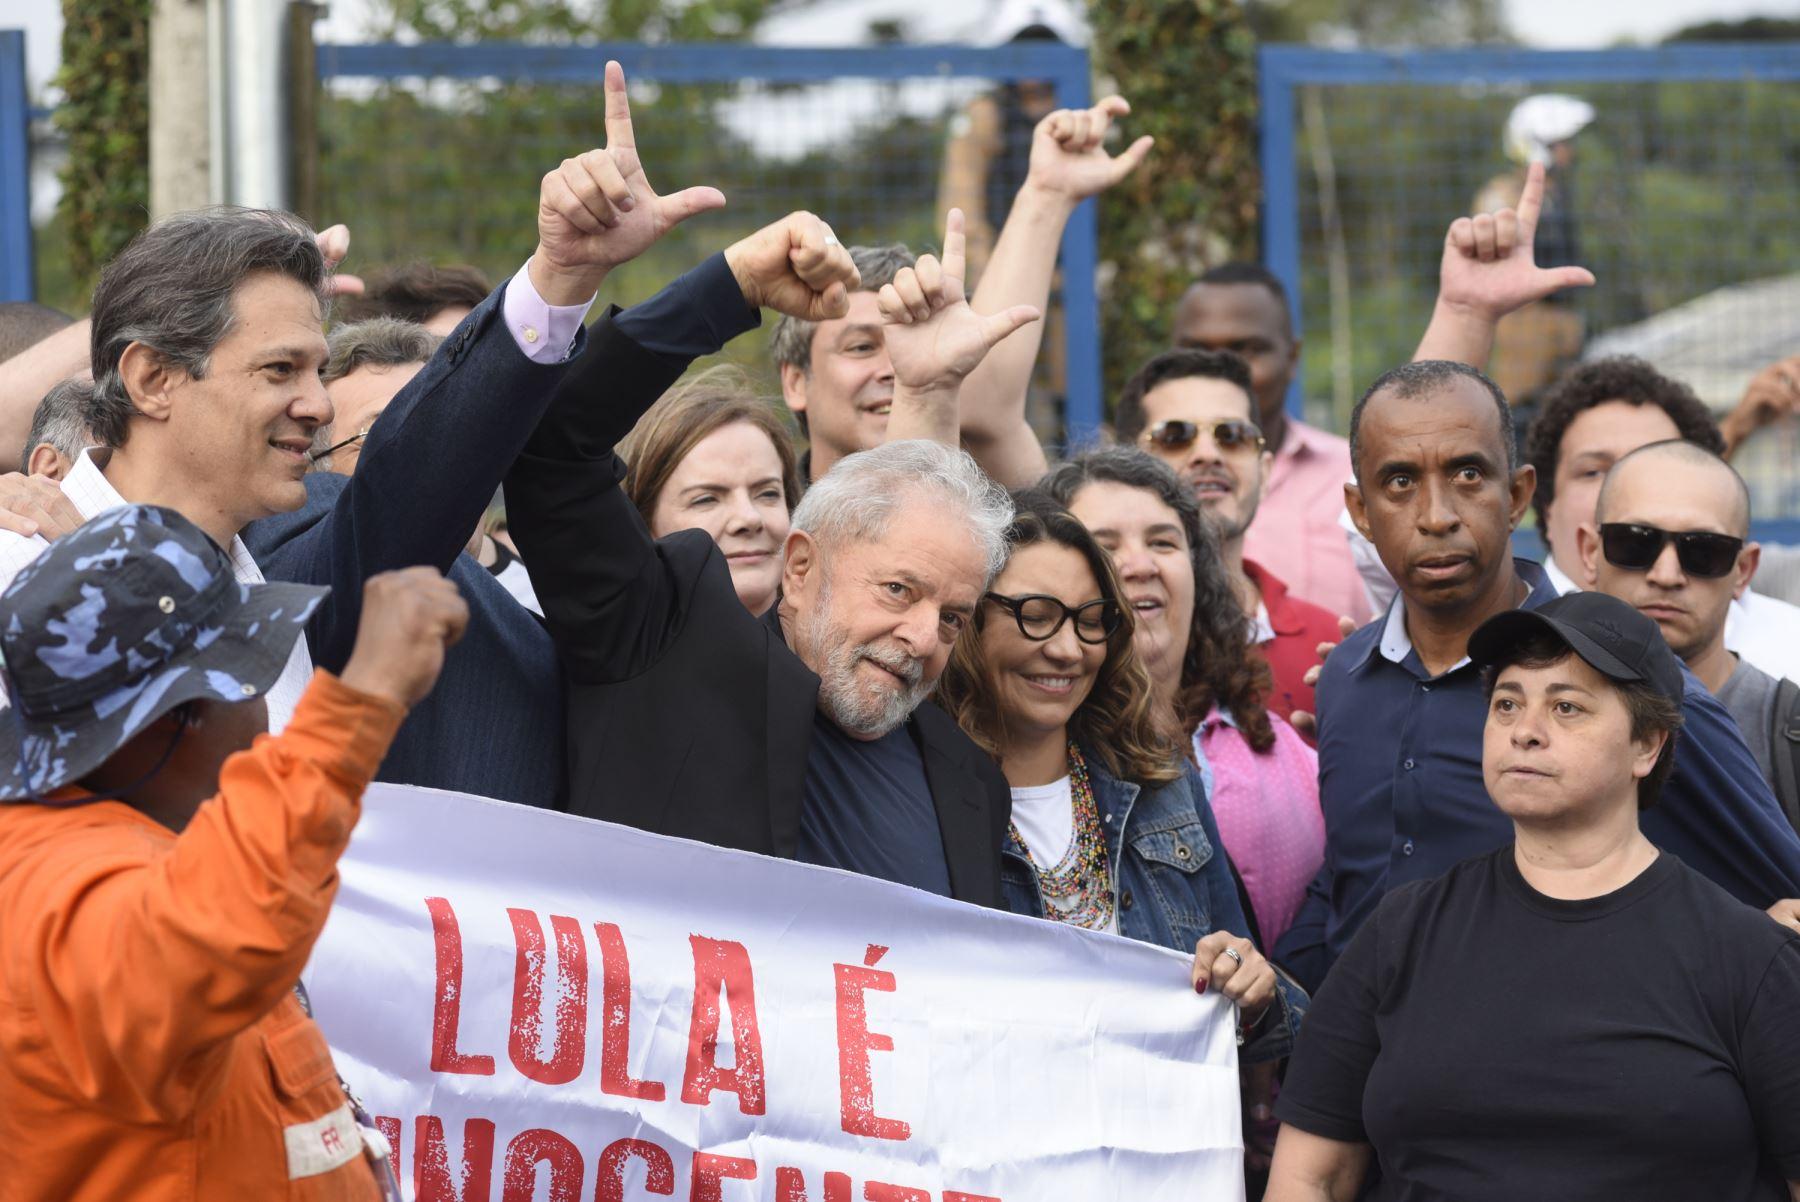 El expresidente brasileño, Luiz Inácio Lula da Silva, hace gestos cuando sale de la sede de la Policía Federal, donde cumplía condena por 1 año y siete meses de prisión por caso de corrupción. Foto: AFP